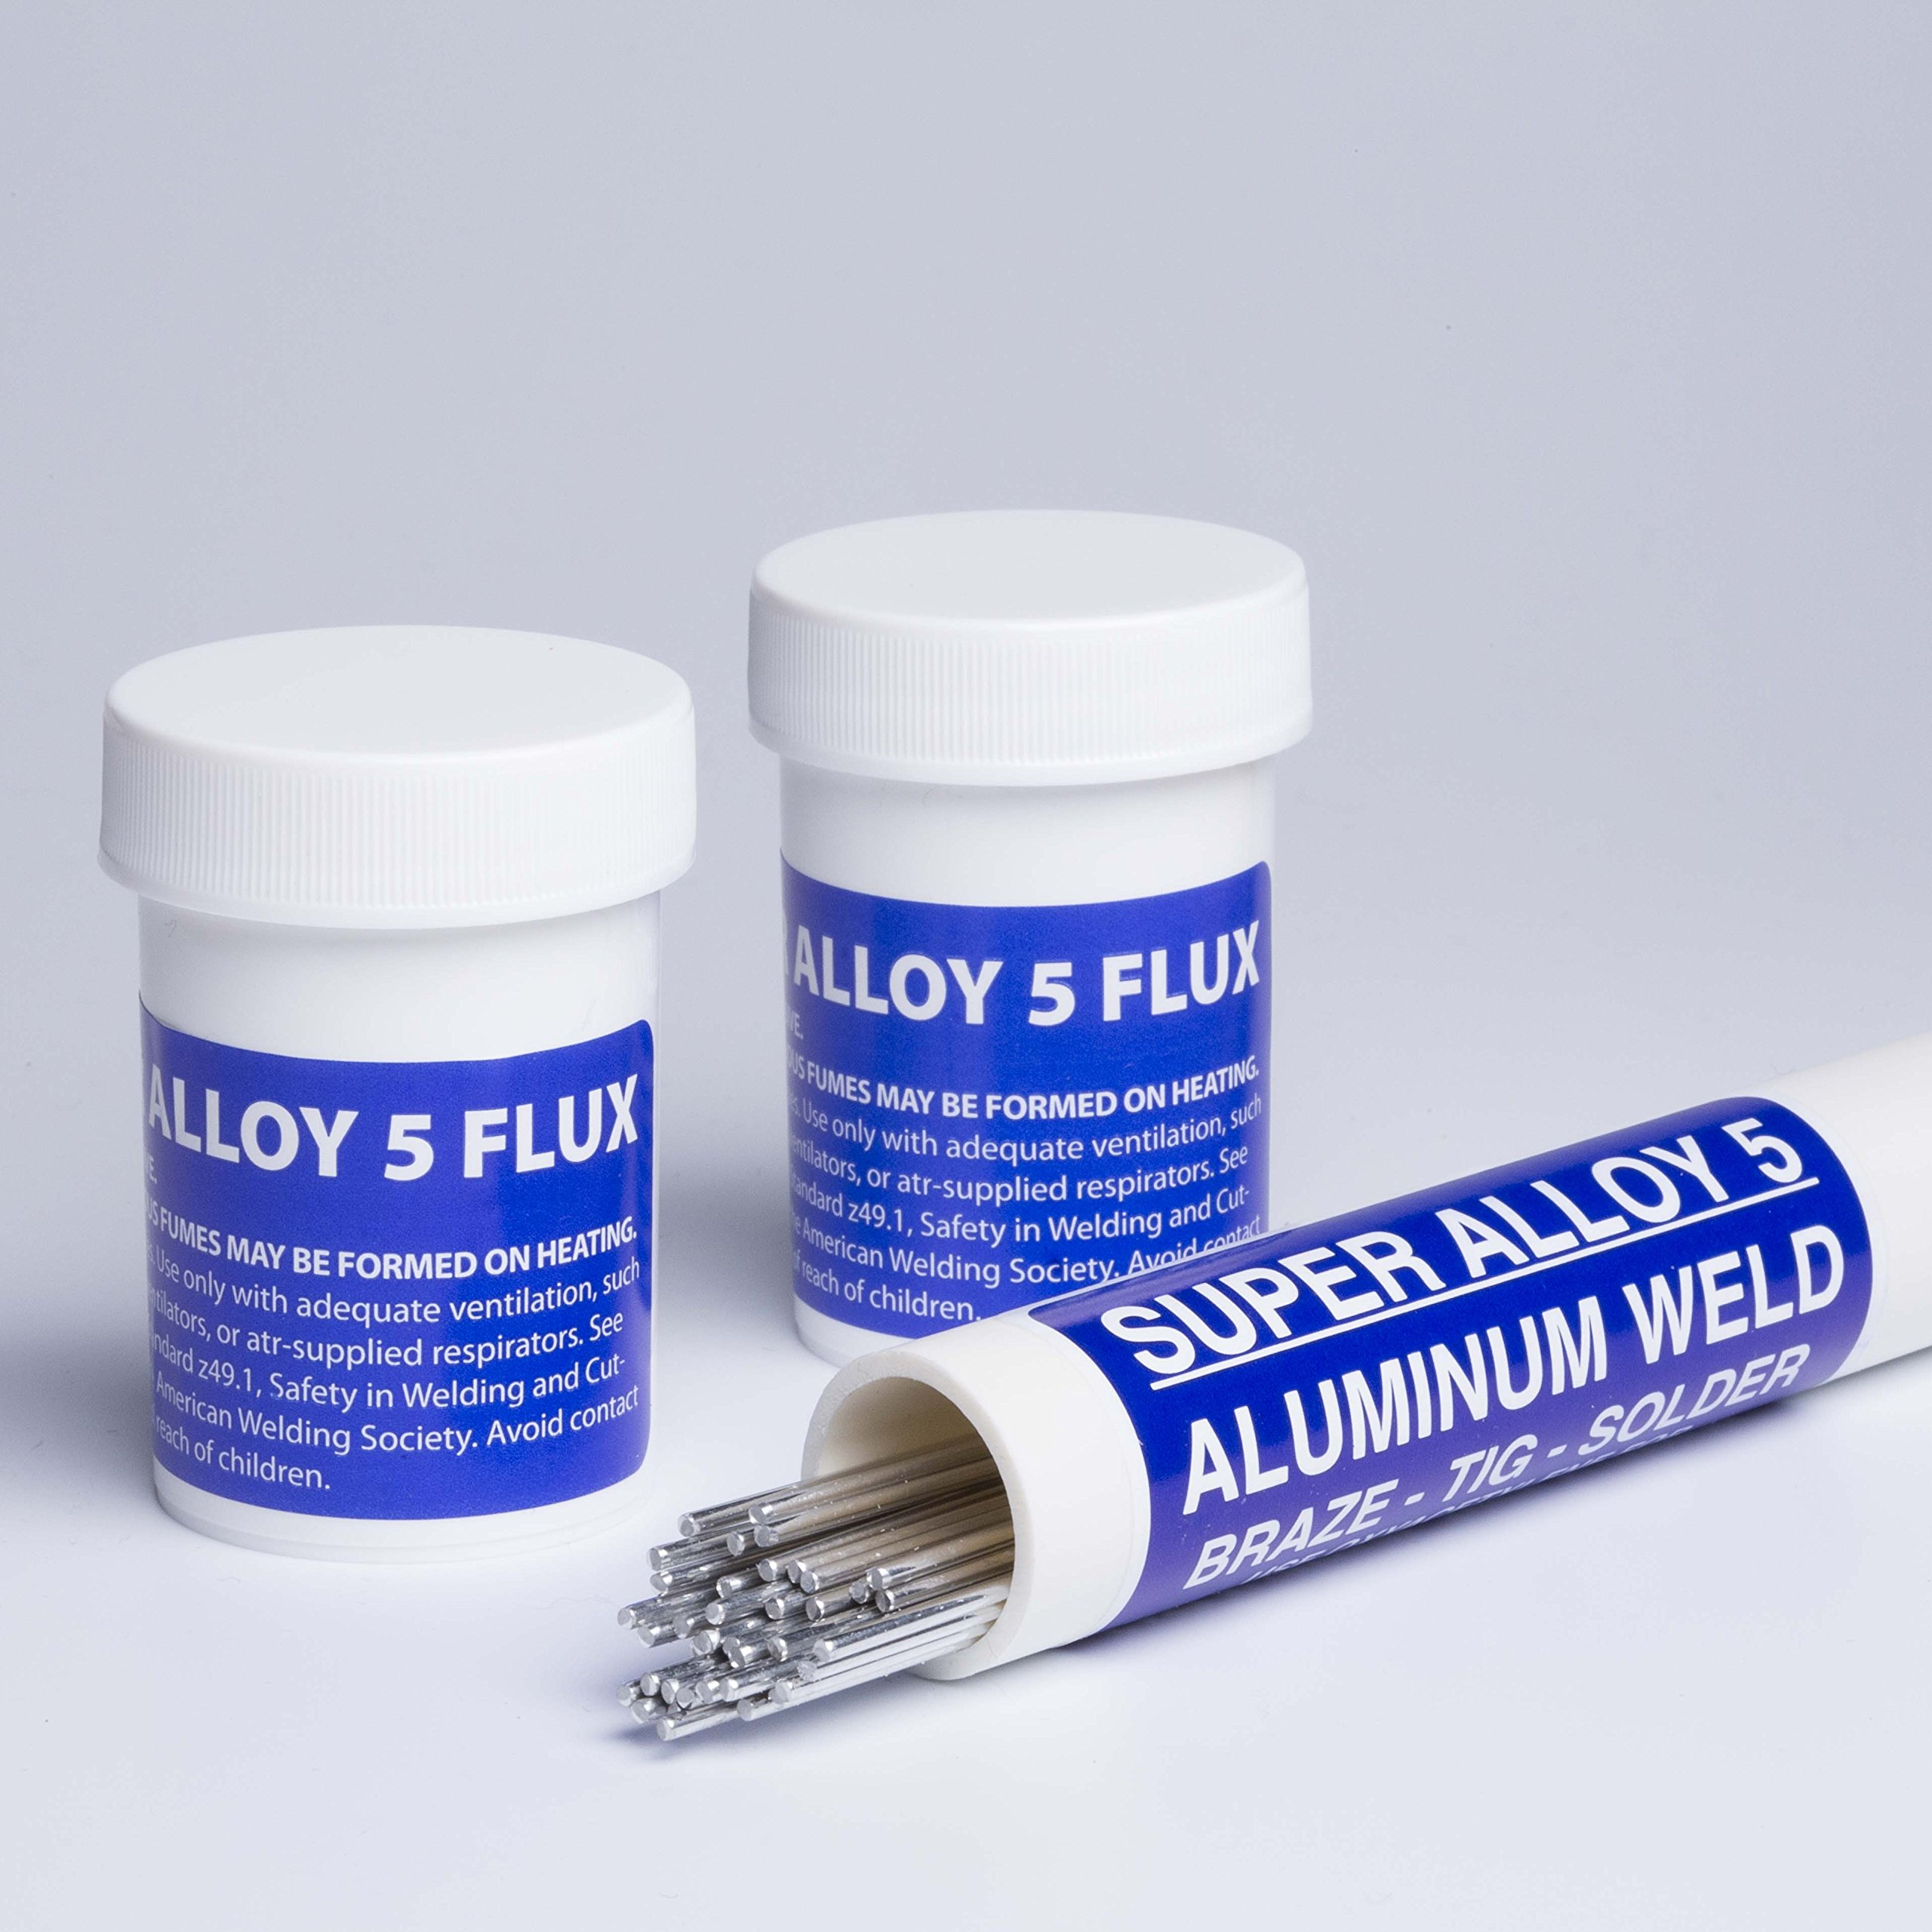 Super Alloy 5 Aluminum Welding and Brazing Rod Kit (Full Kit 1/16 diameter)